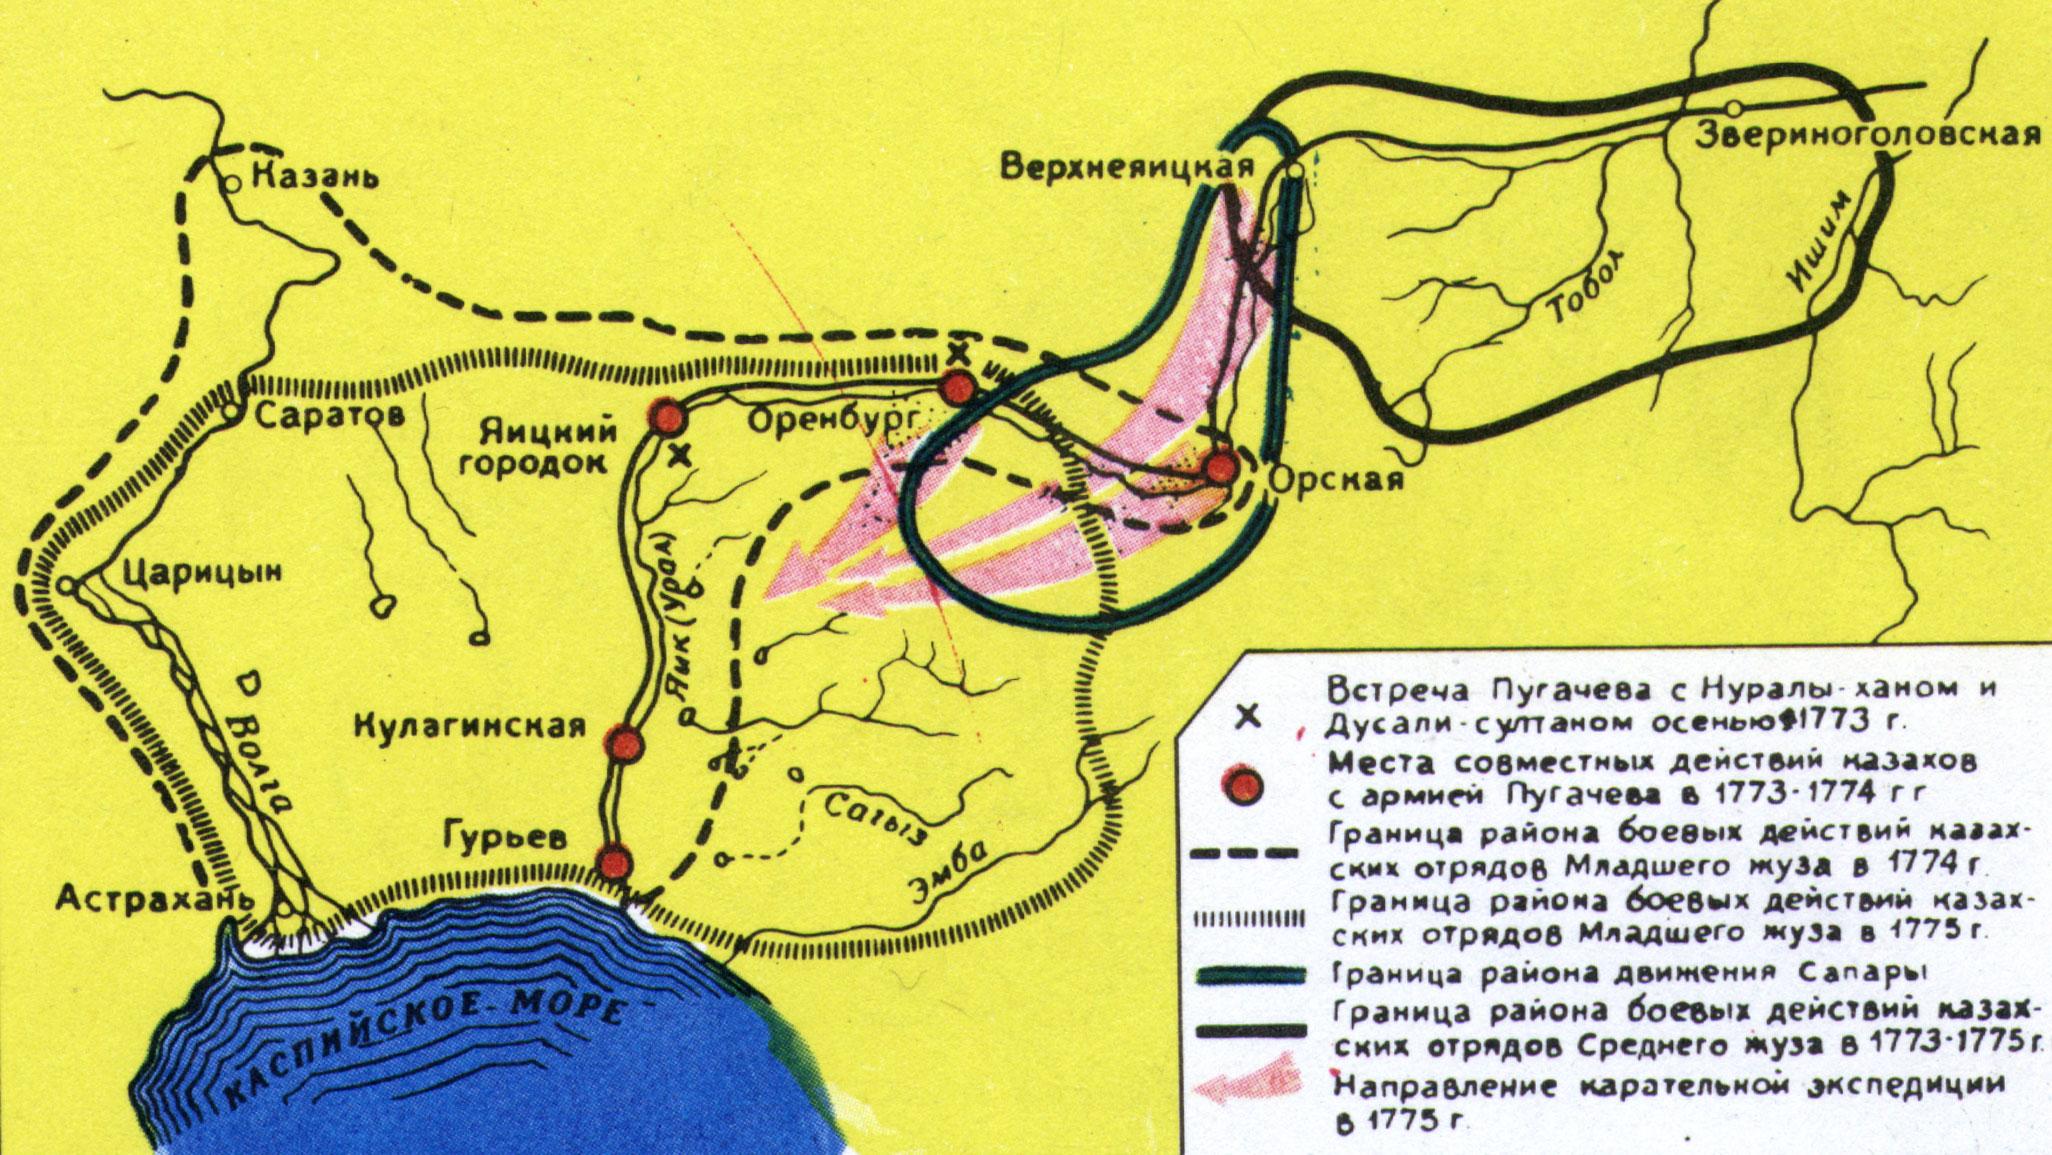 Причина Восстания Под Руководством Пугачева